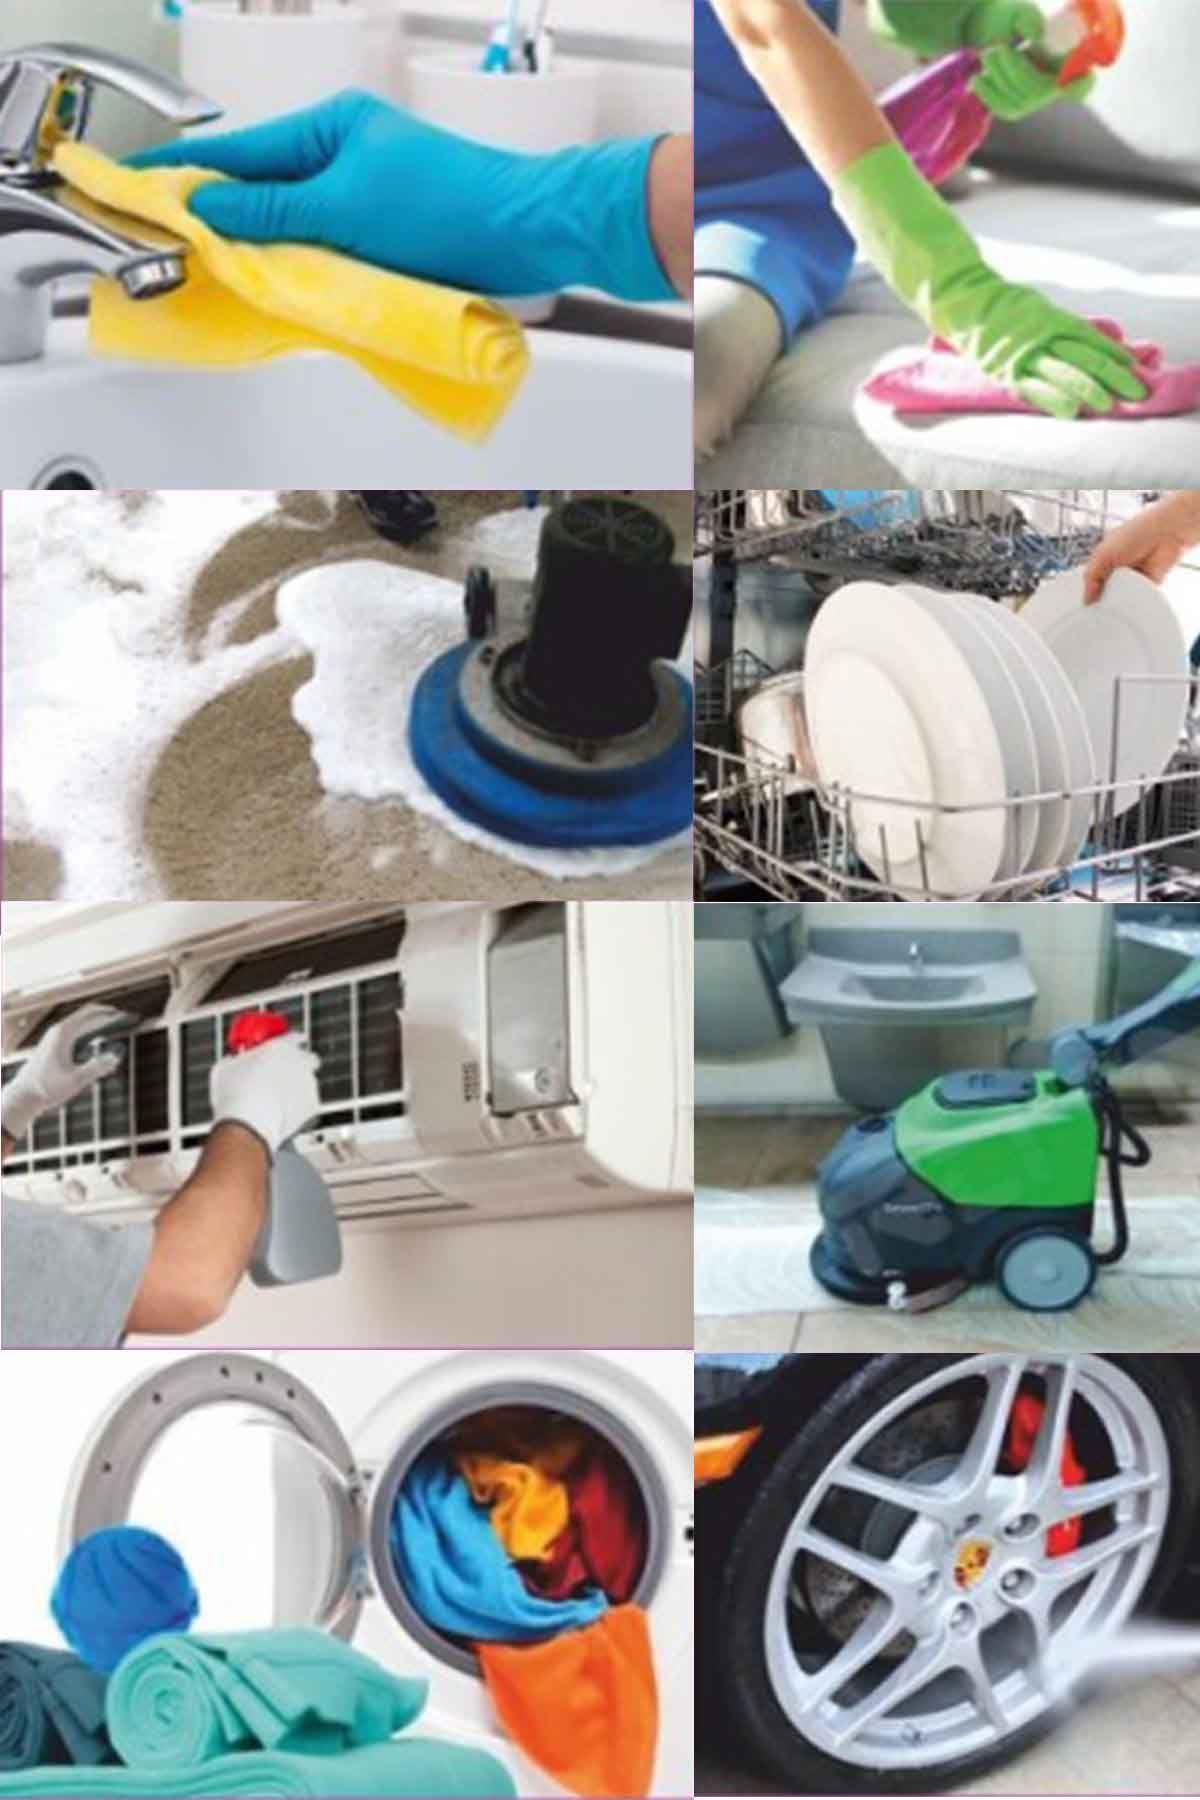 SMX Susuz Motor Temizleme Spreyi / Nano Genel Amaçlı Temizleyici / Torpido Parlatıcı / Plastik Aksam Parlatıcı / ARAÇ BAKIM SETİ-4